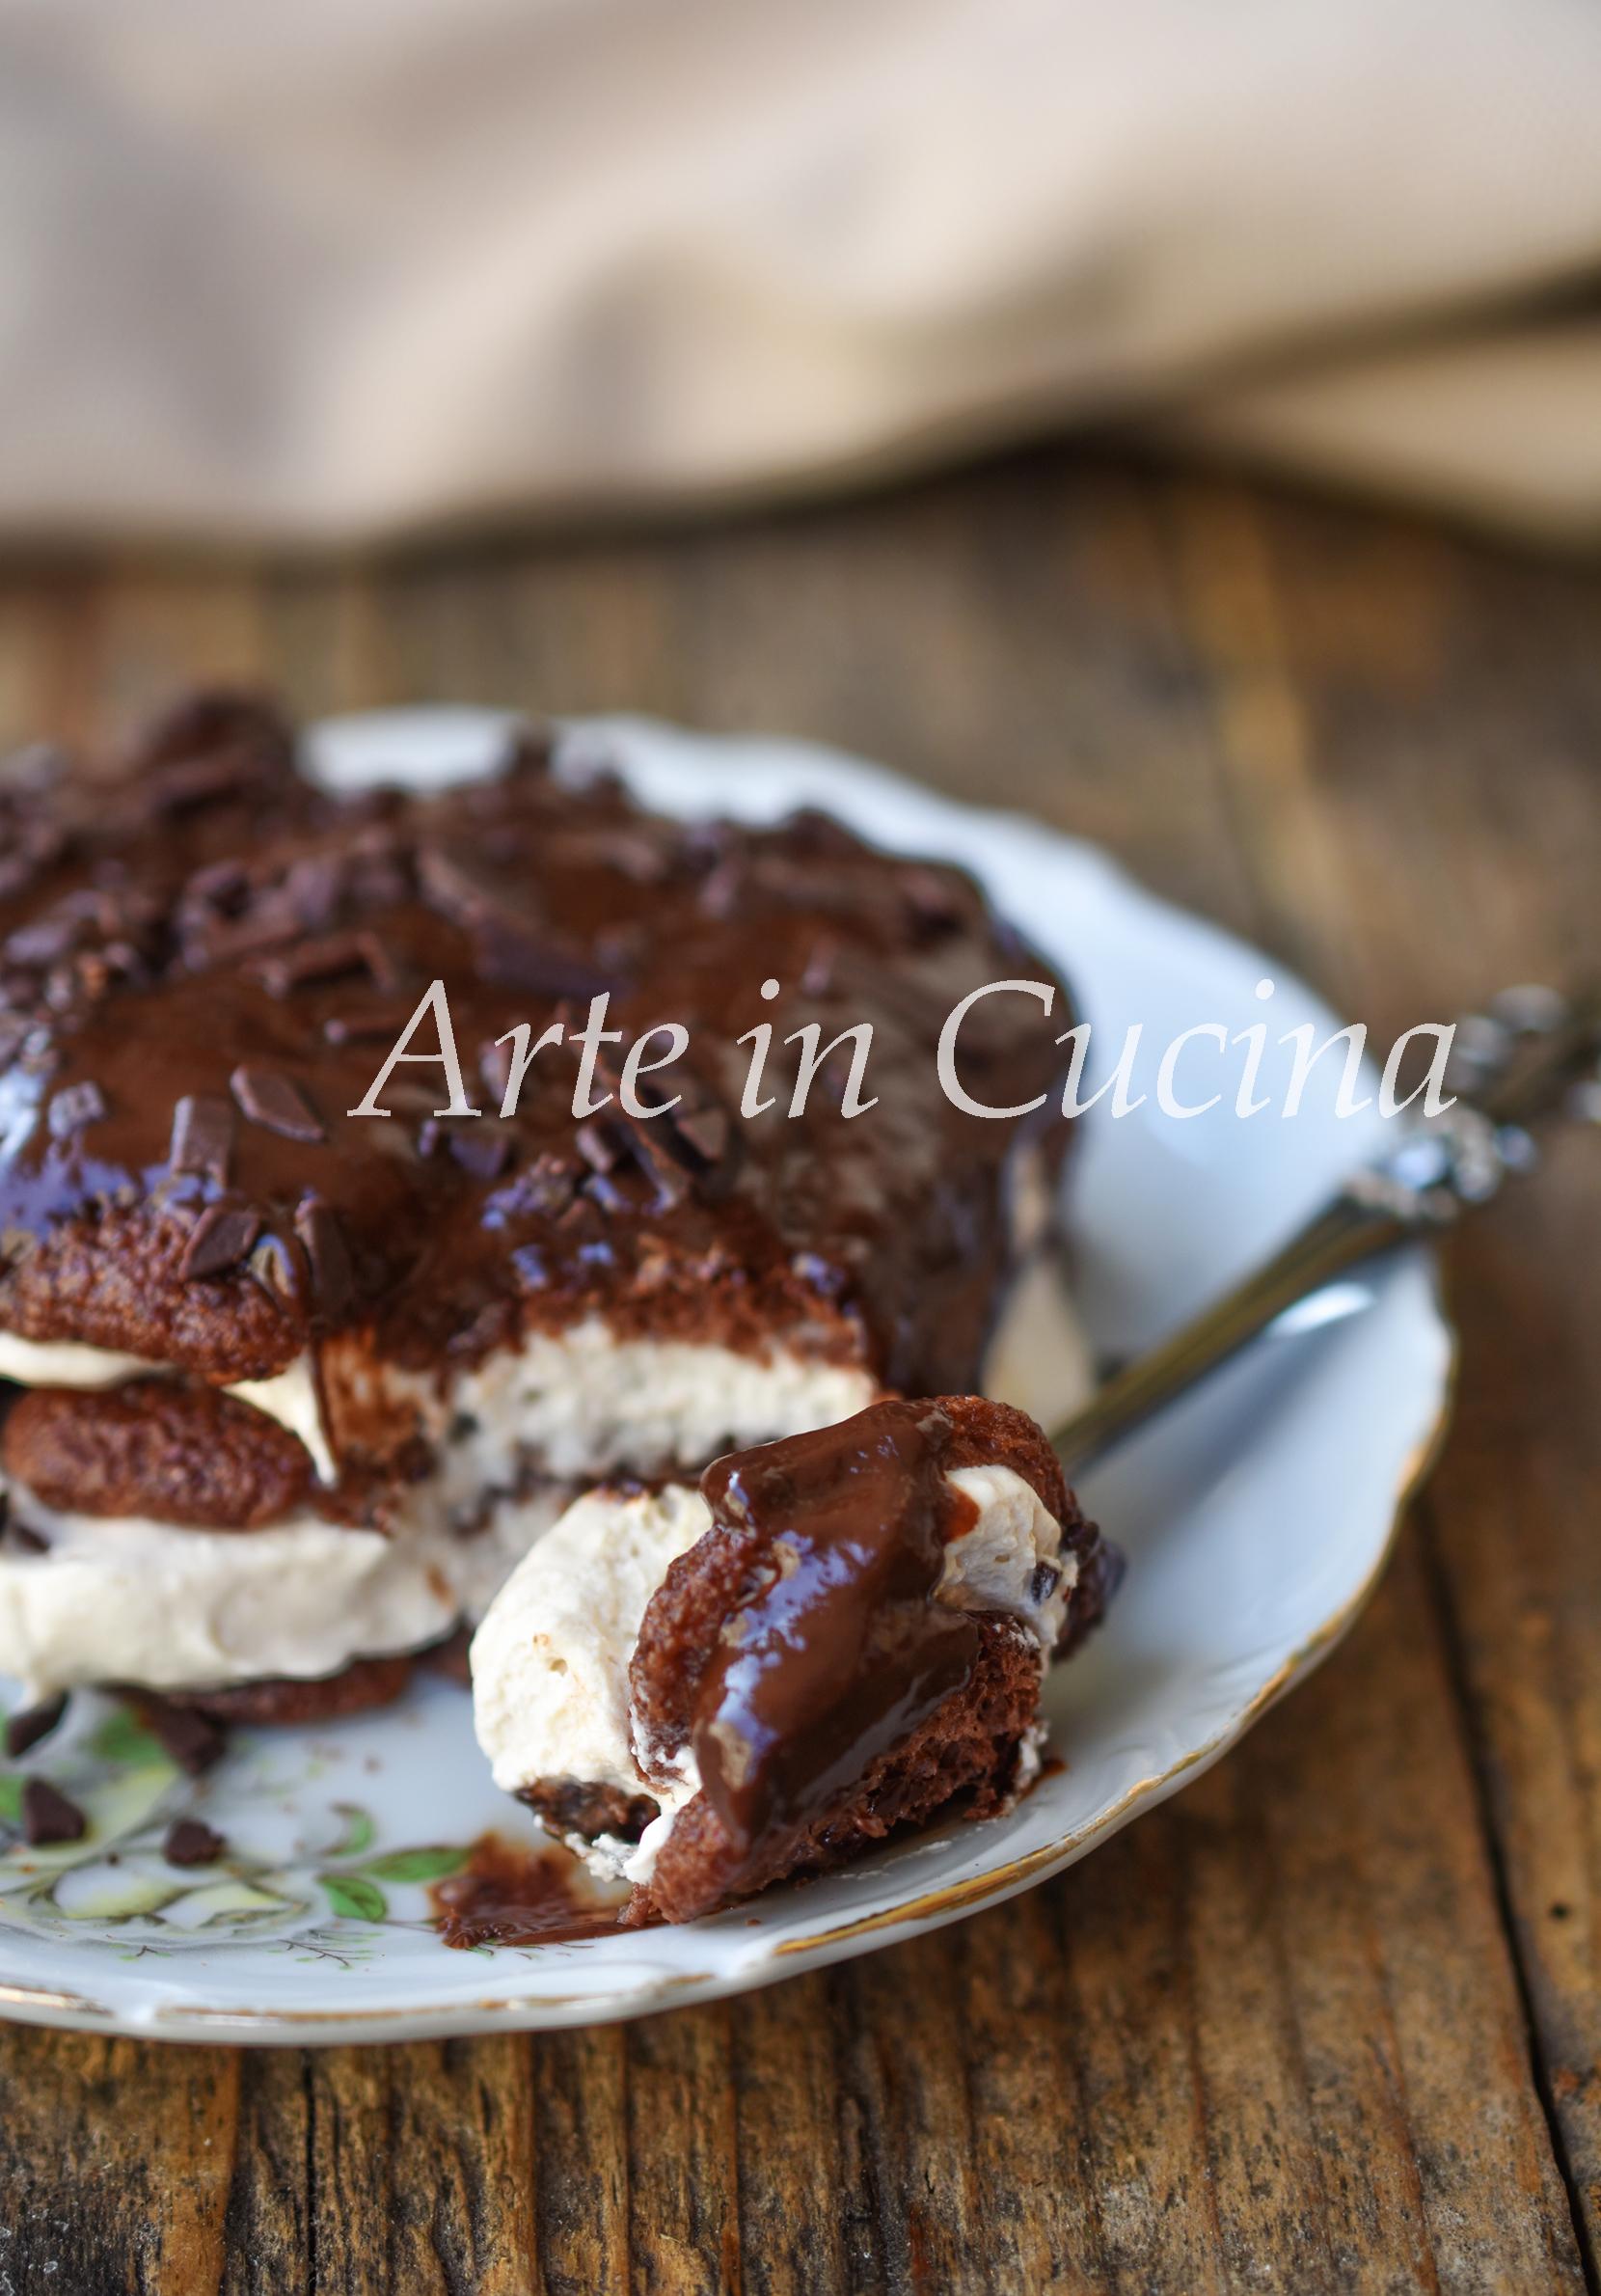 Tiramisù monoporzione al cioccolato dolce con pavesini al cacao vickyart arte in cucina